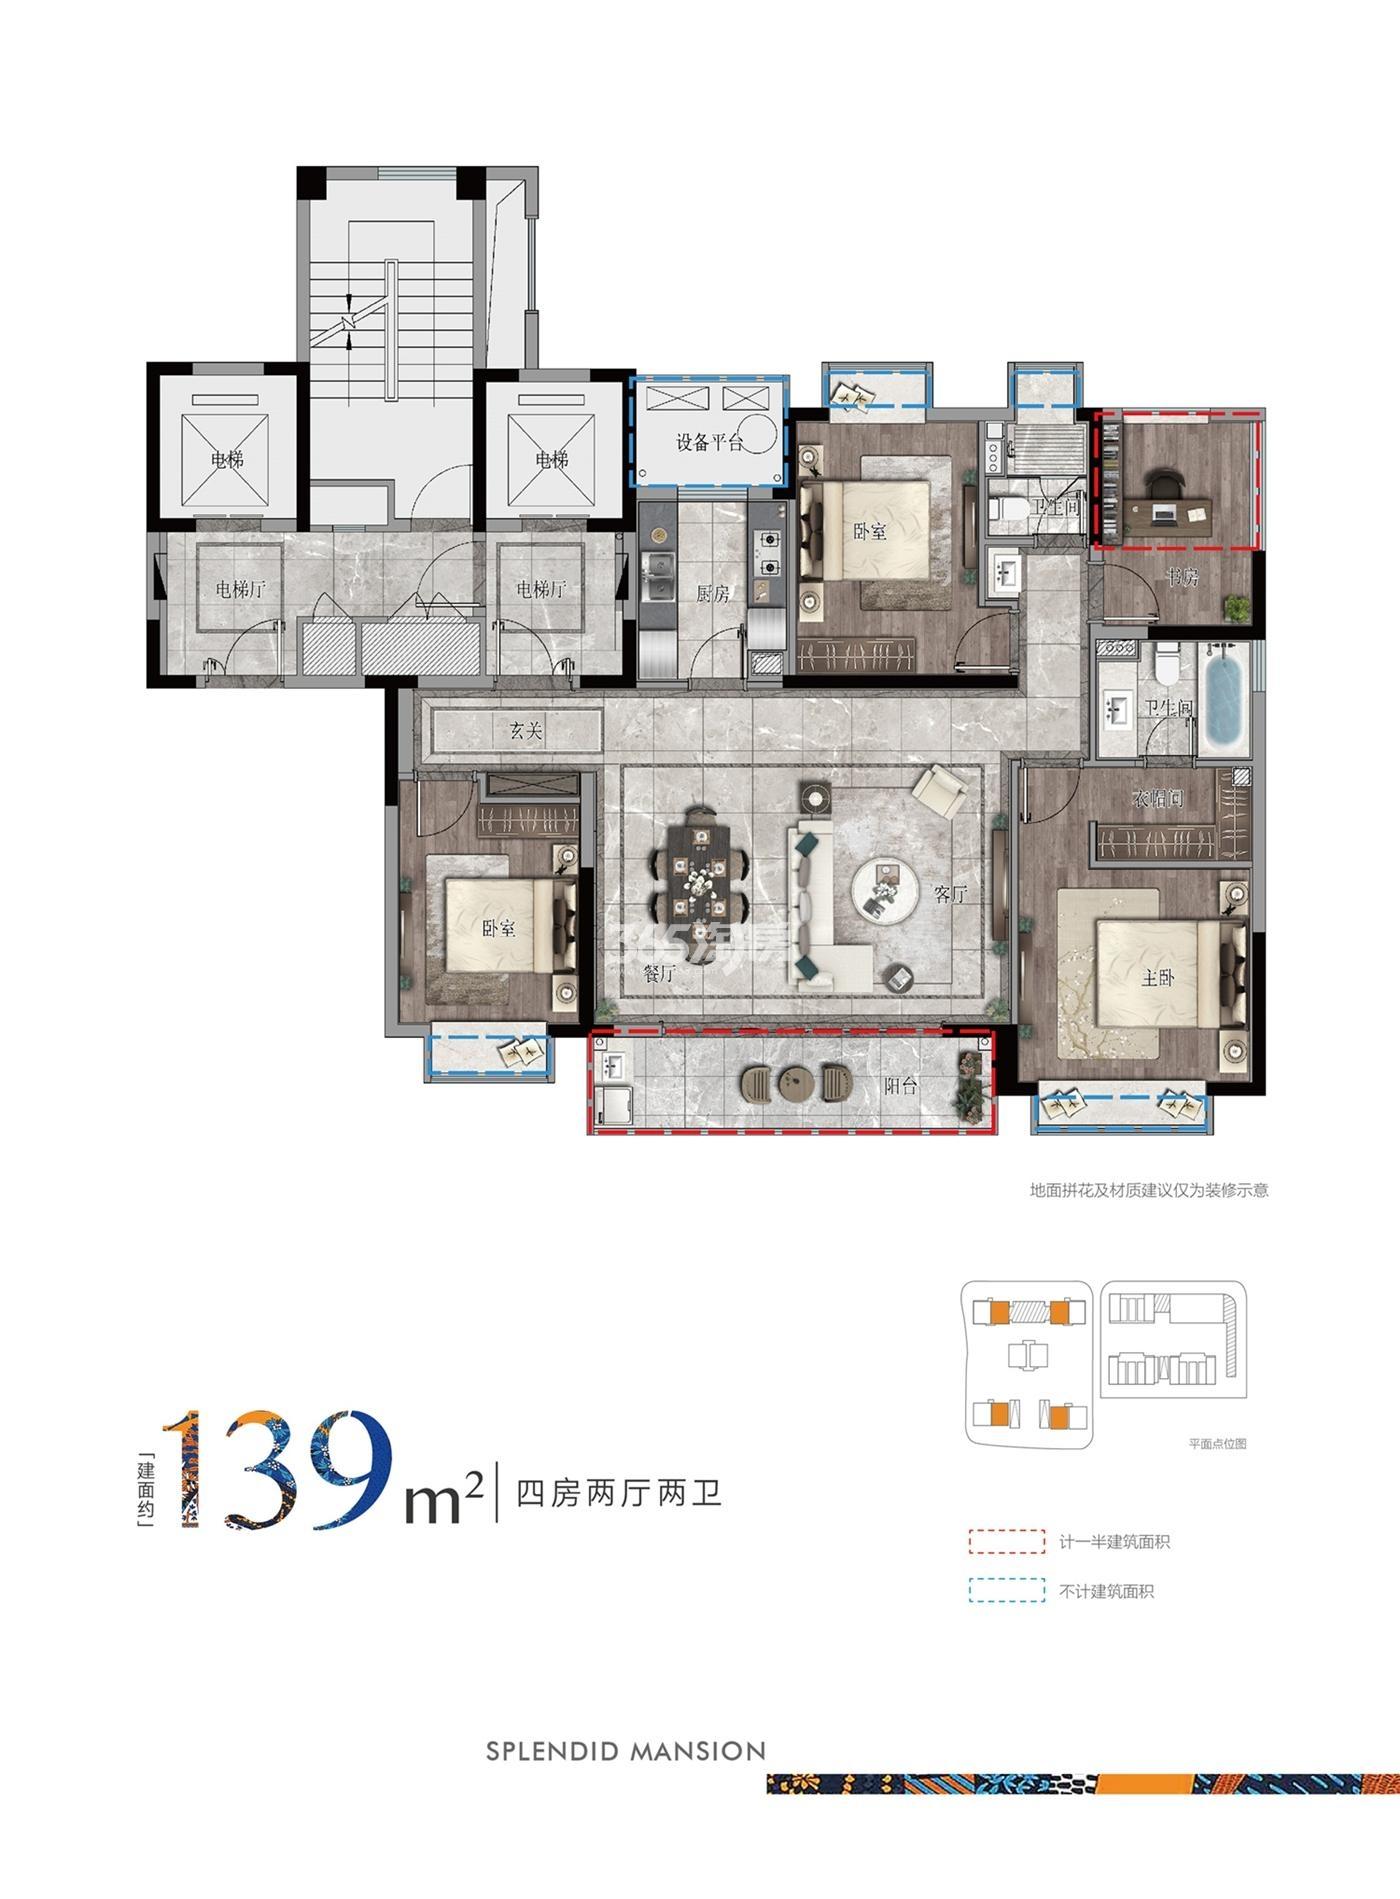 中冶锦绣公馆1、2、4、5号楼139方户型